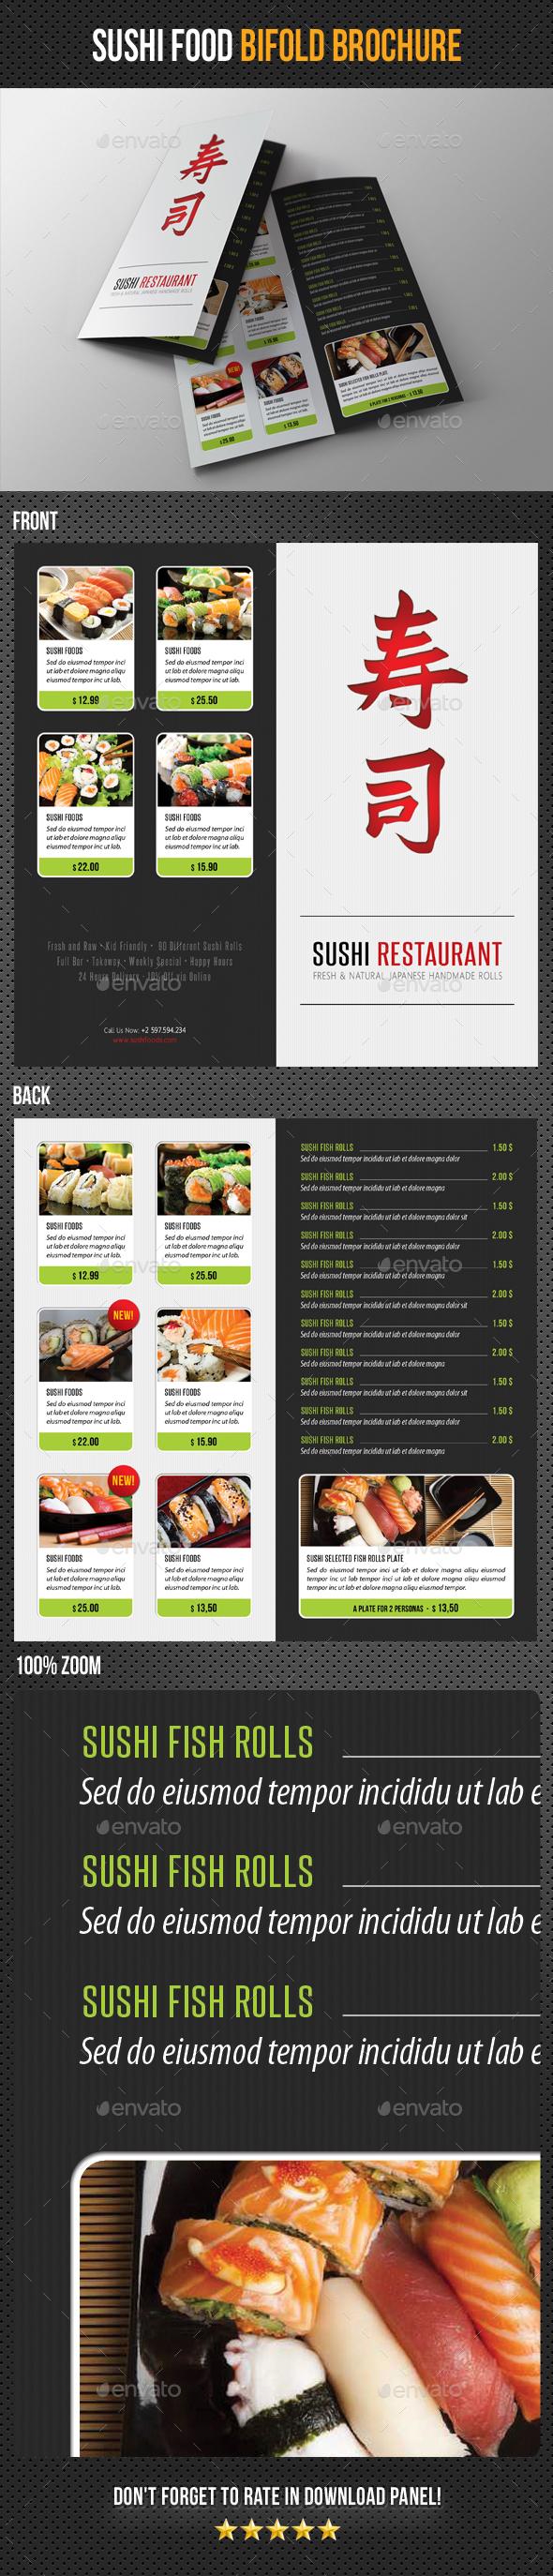 Sushi Restaurant Menu Bifold Brochure - Food Menus Print Templates